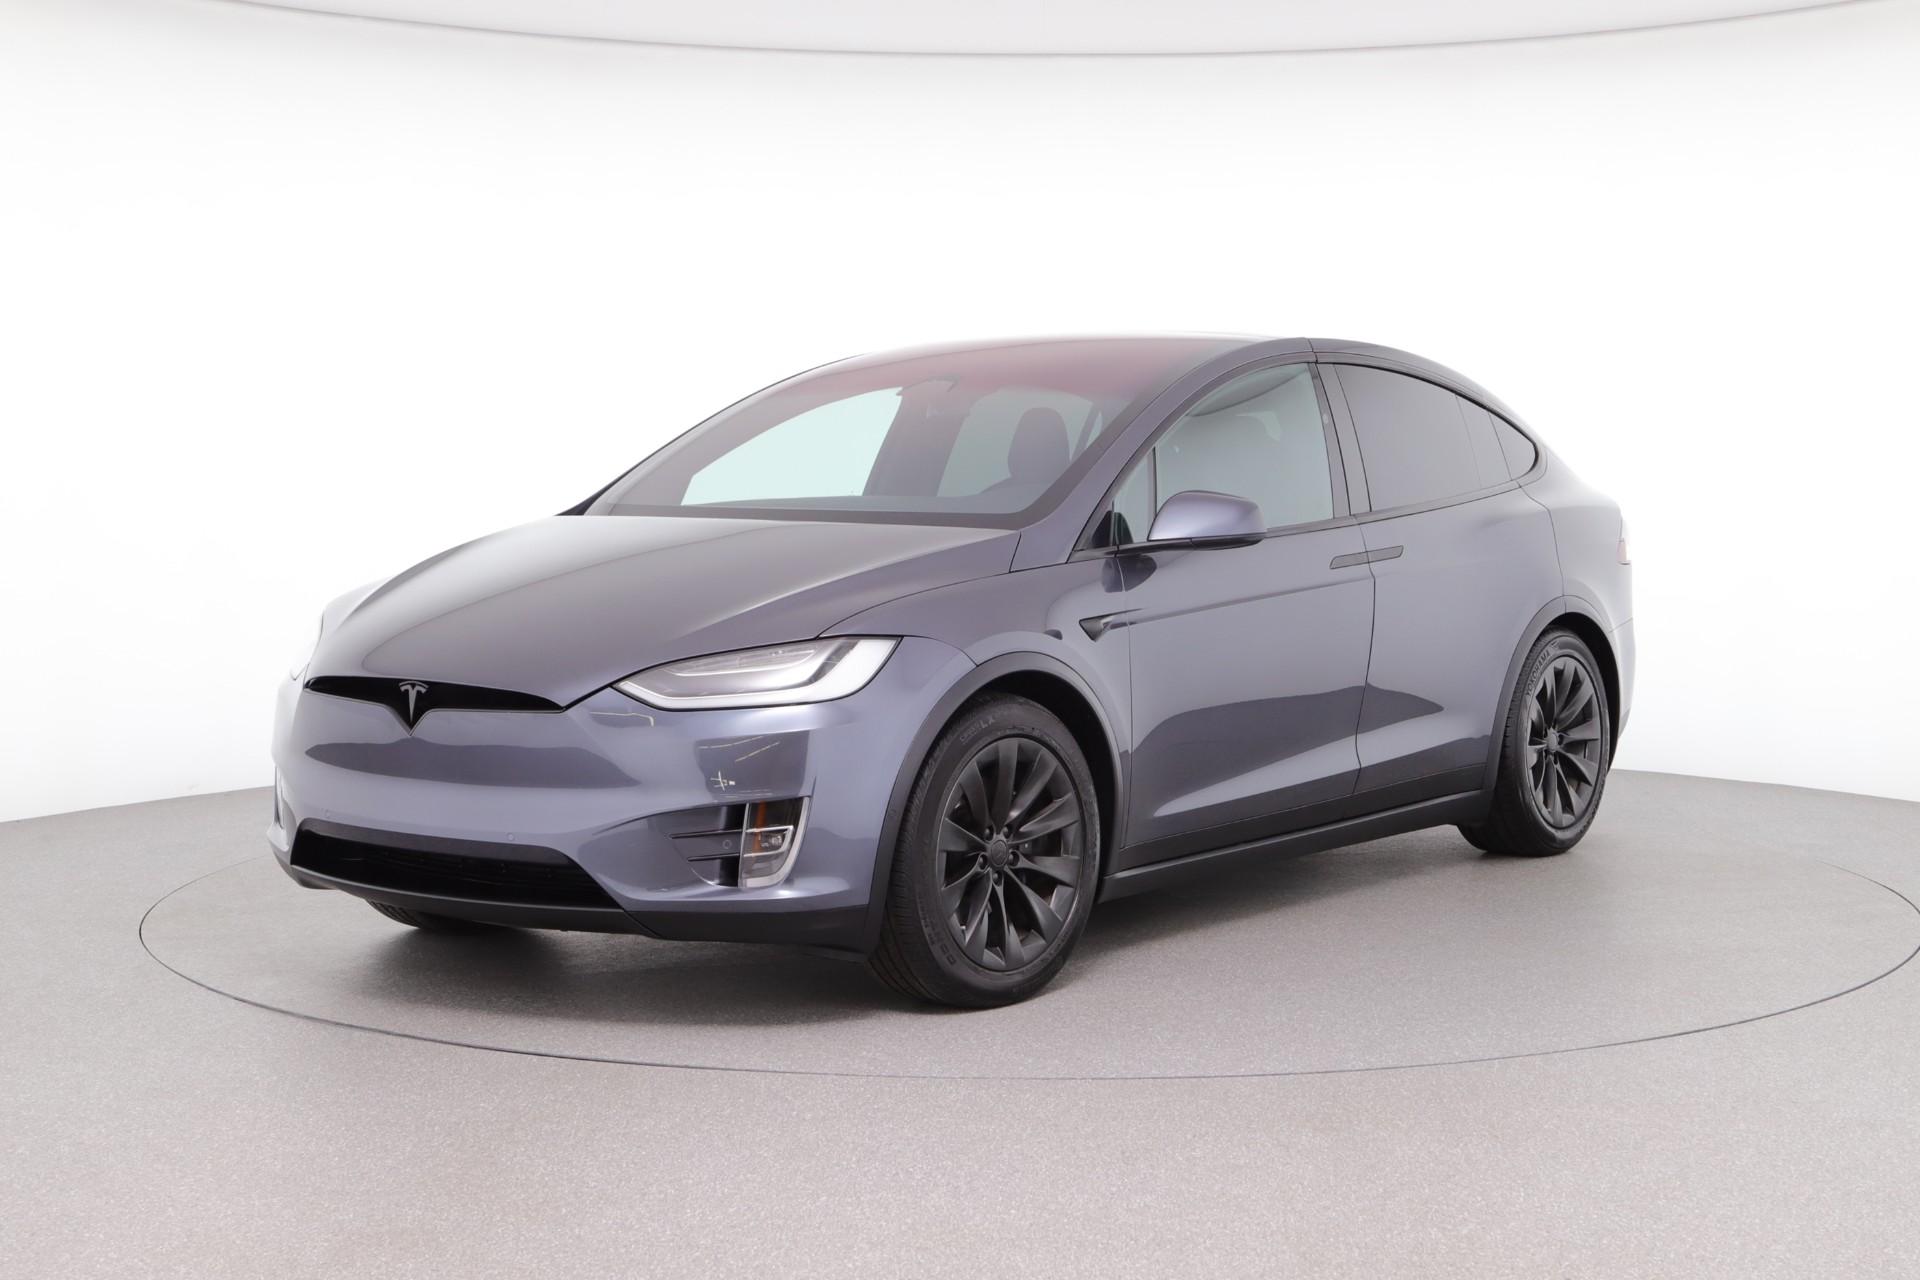 2018 Tesla Model X 75D (from $65,100)